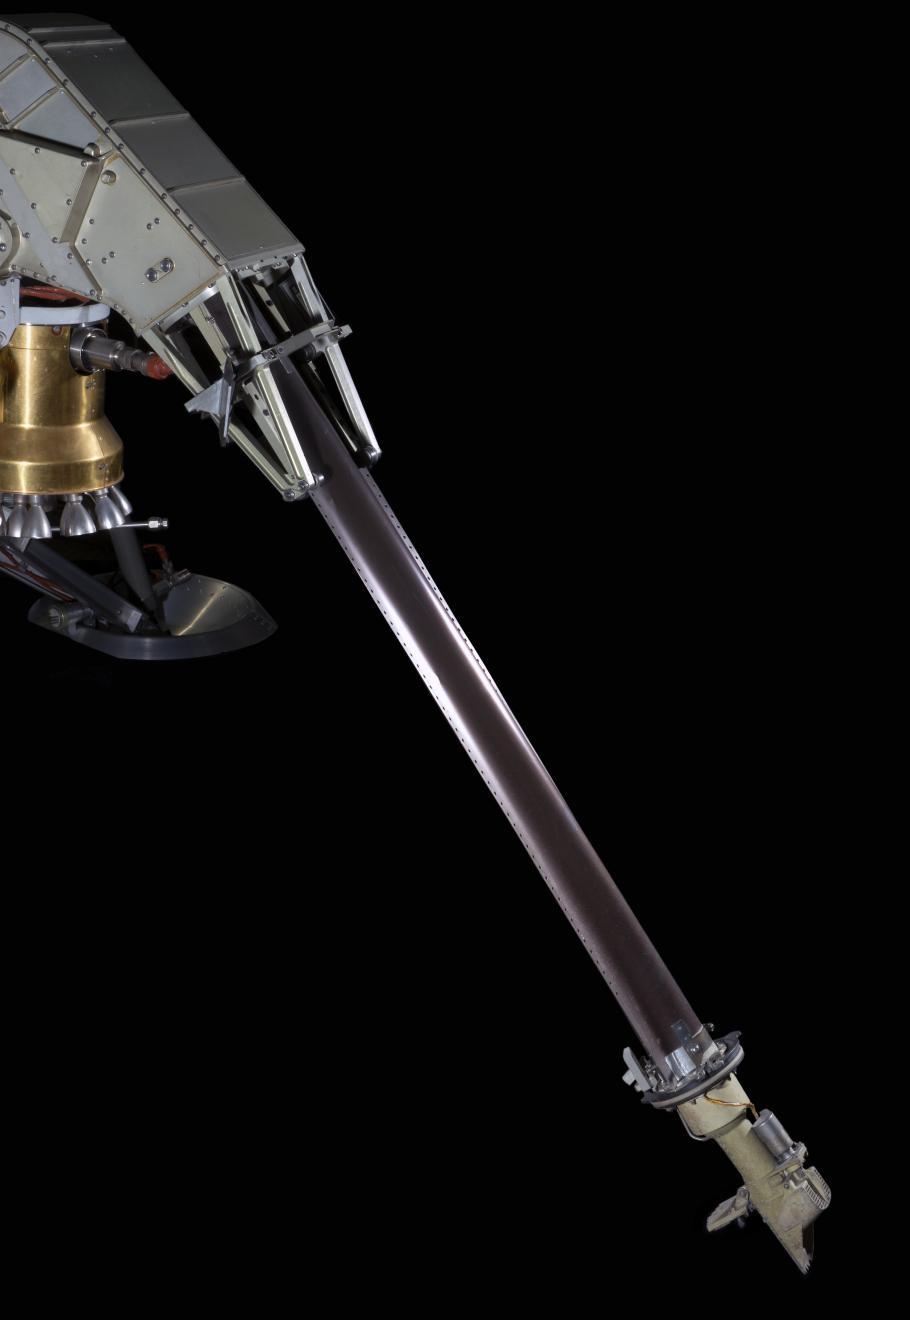 Viking Lander Arm